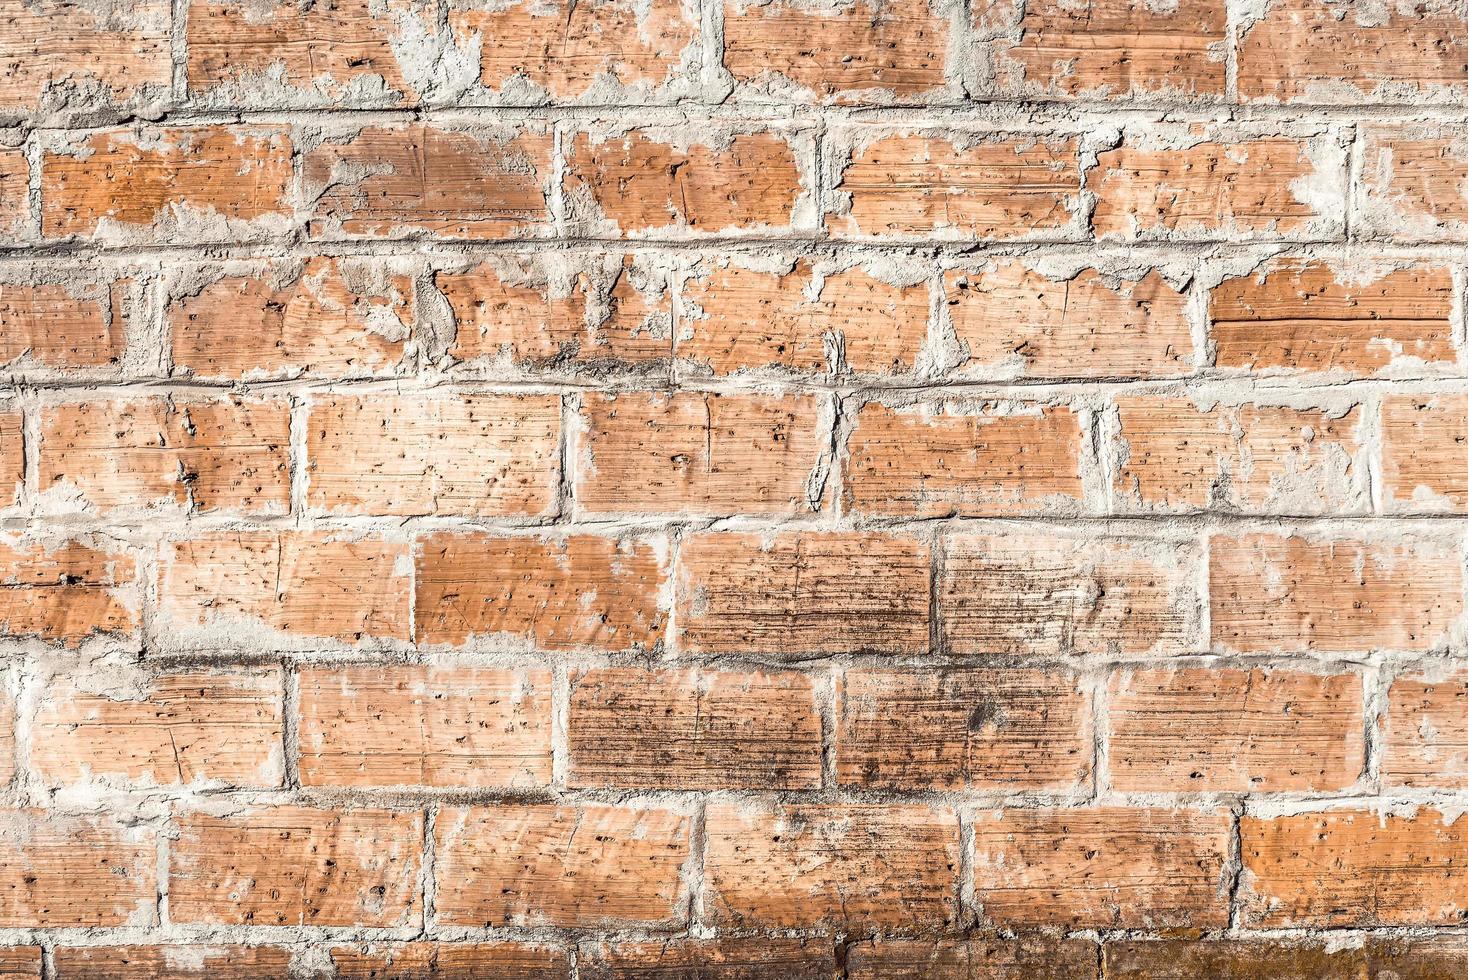 oude verweerde bakstenen muur foto